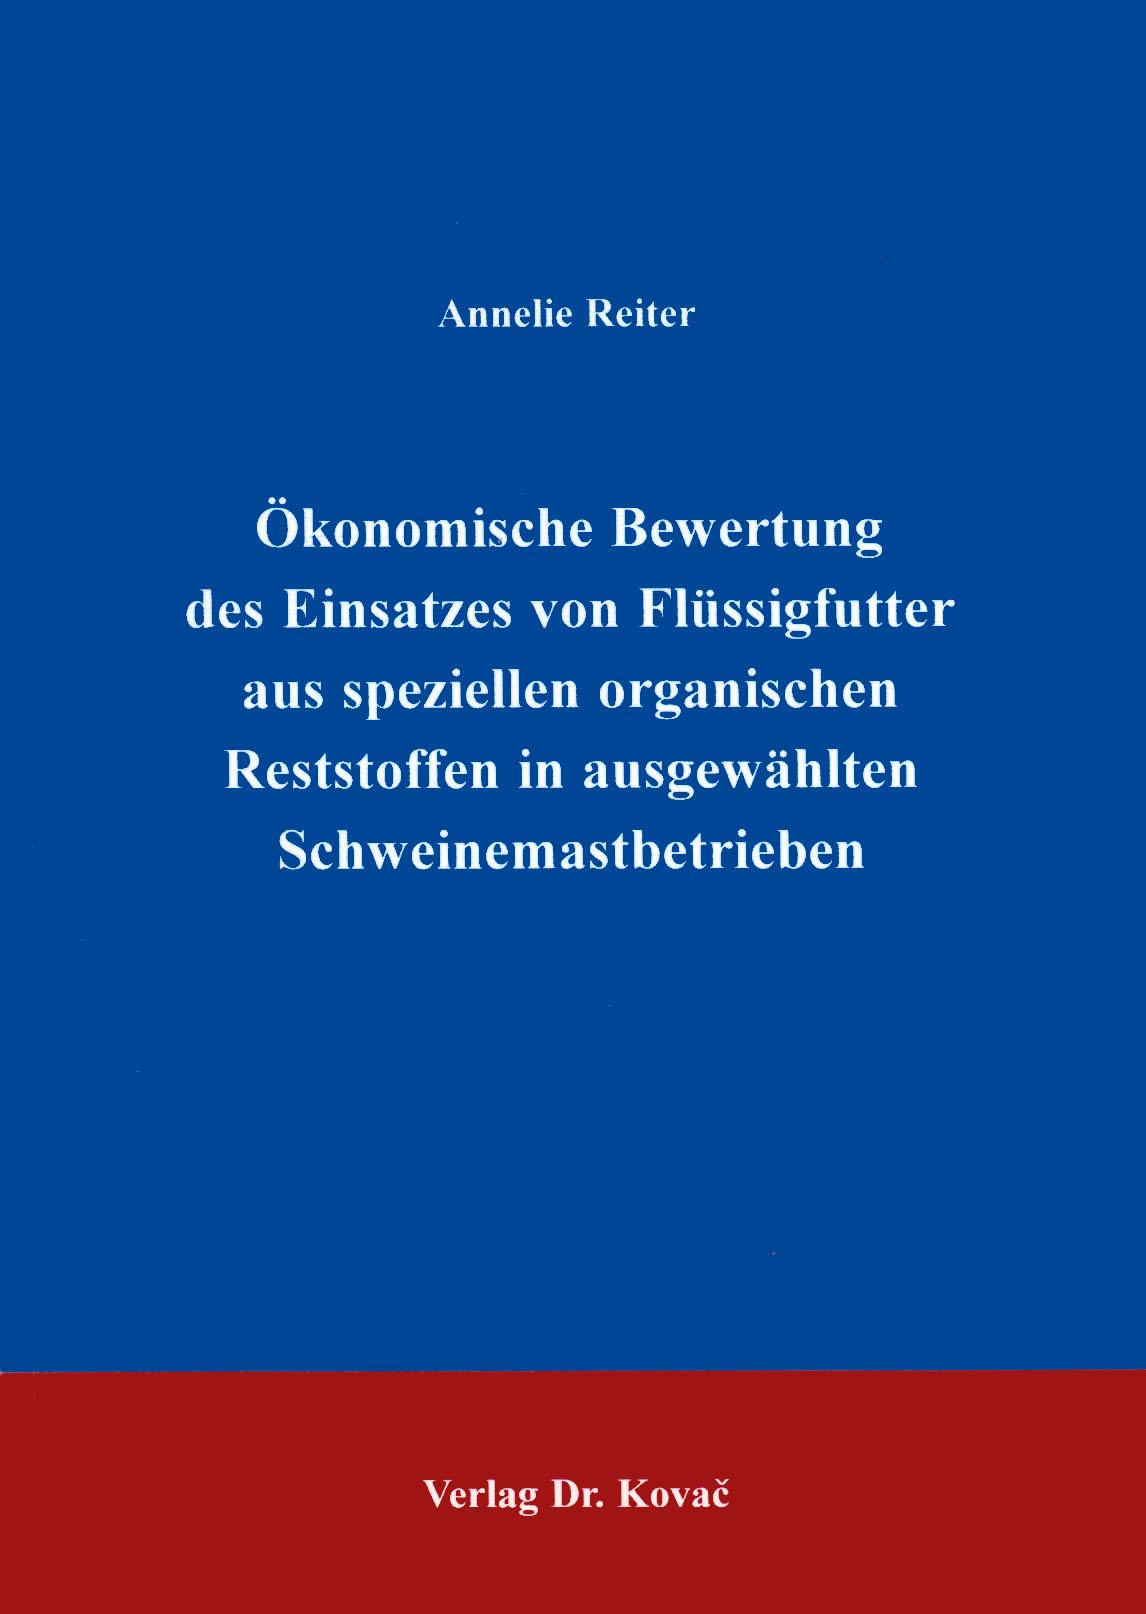 Cover: Ökonomische Bewertung des Einsatzes von Flüssigfutter aus speziellen organischen Reststoffen in ausgewählten Schweinemastbetrieben